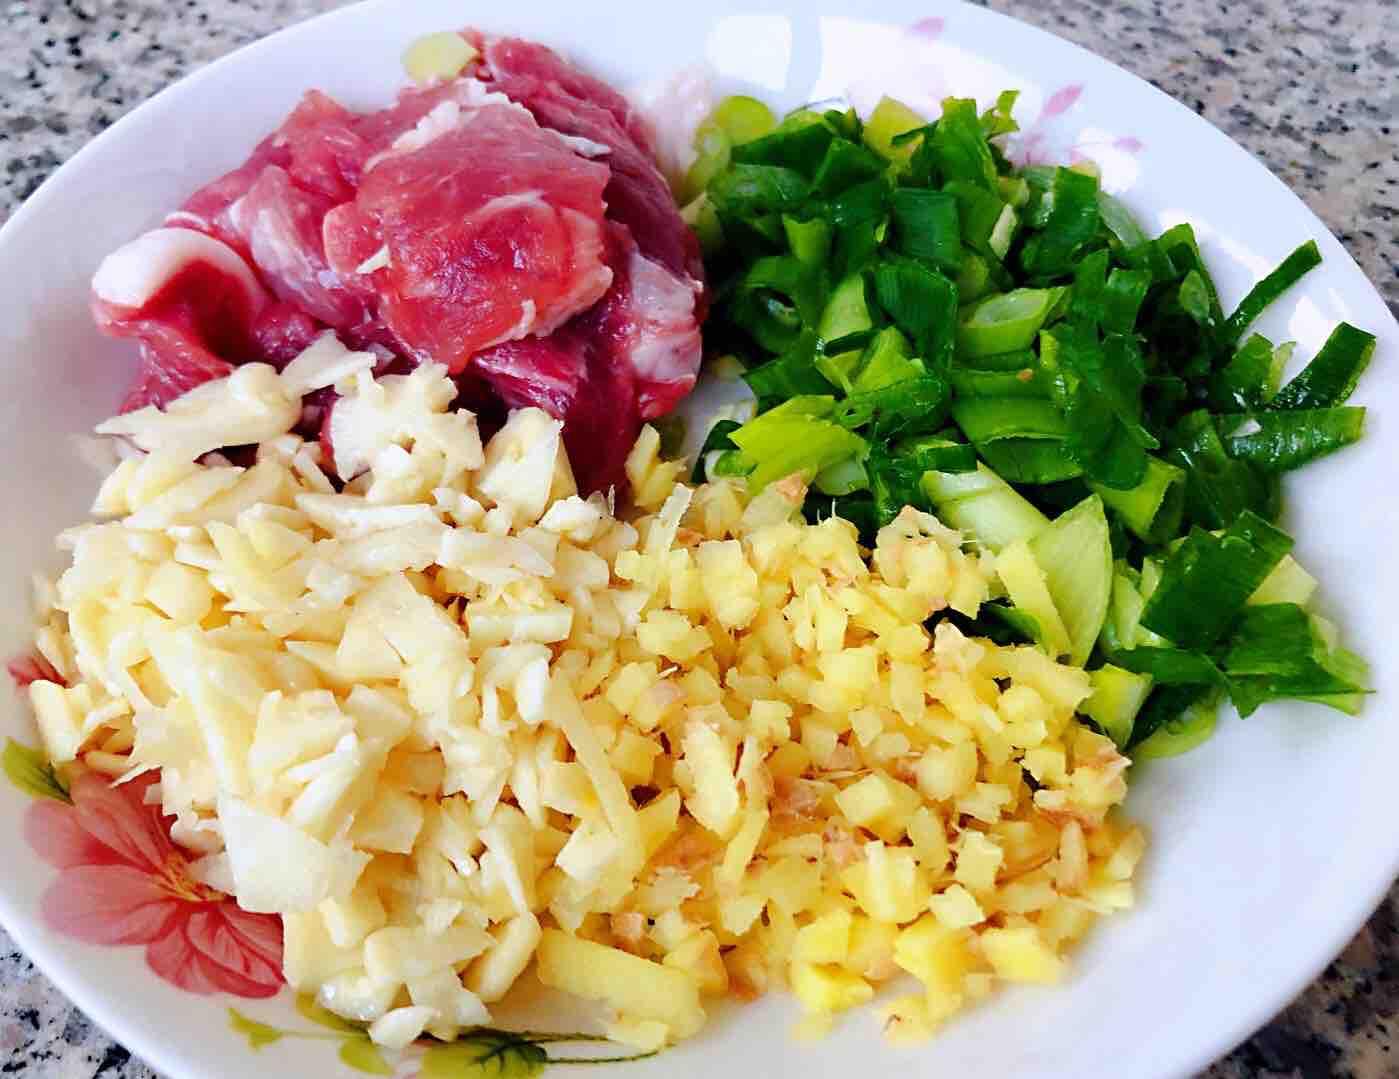 土豆茄子炖五花肉的做法图解